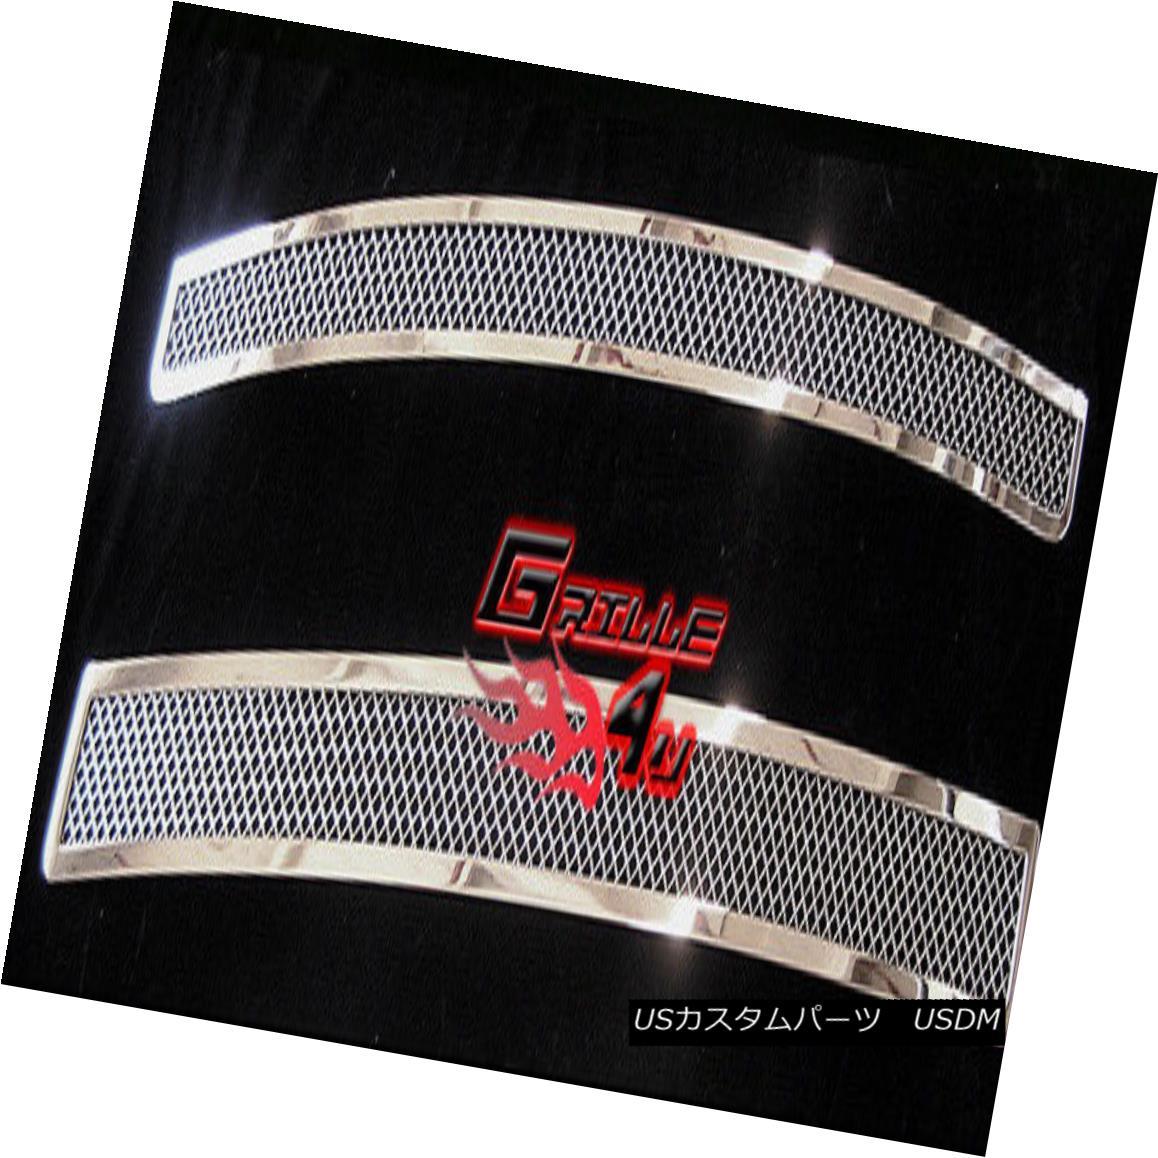 グリル For 03-07 Scion XB Bumper Stainless Steel Mesh Premium Grille 03-07シオンXBバンパーステンレスメッシュプレミアムグリル